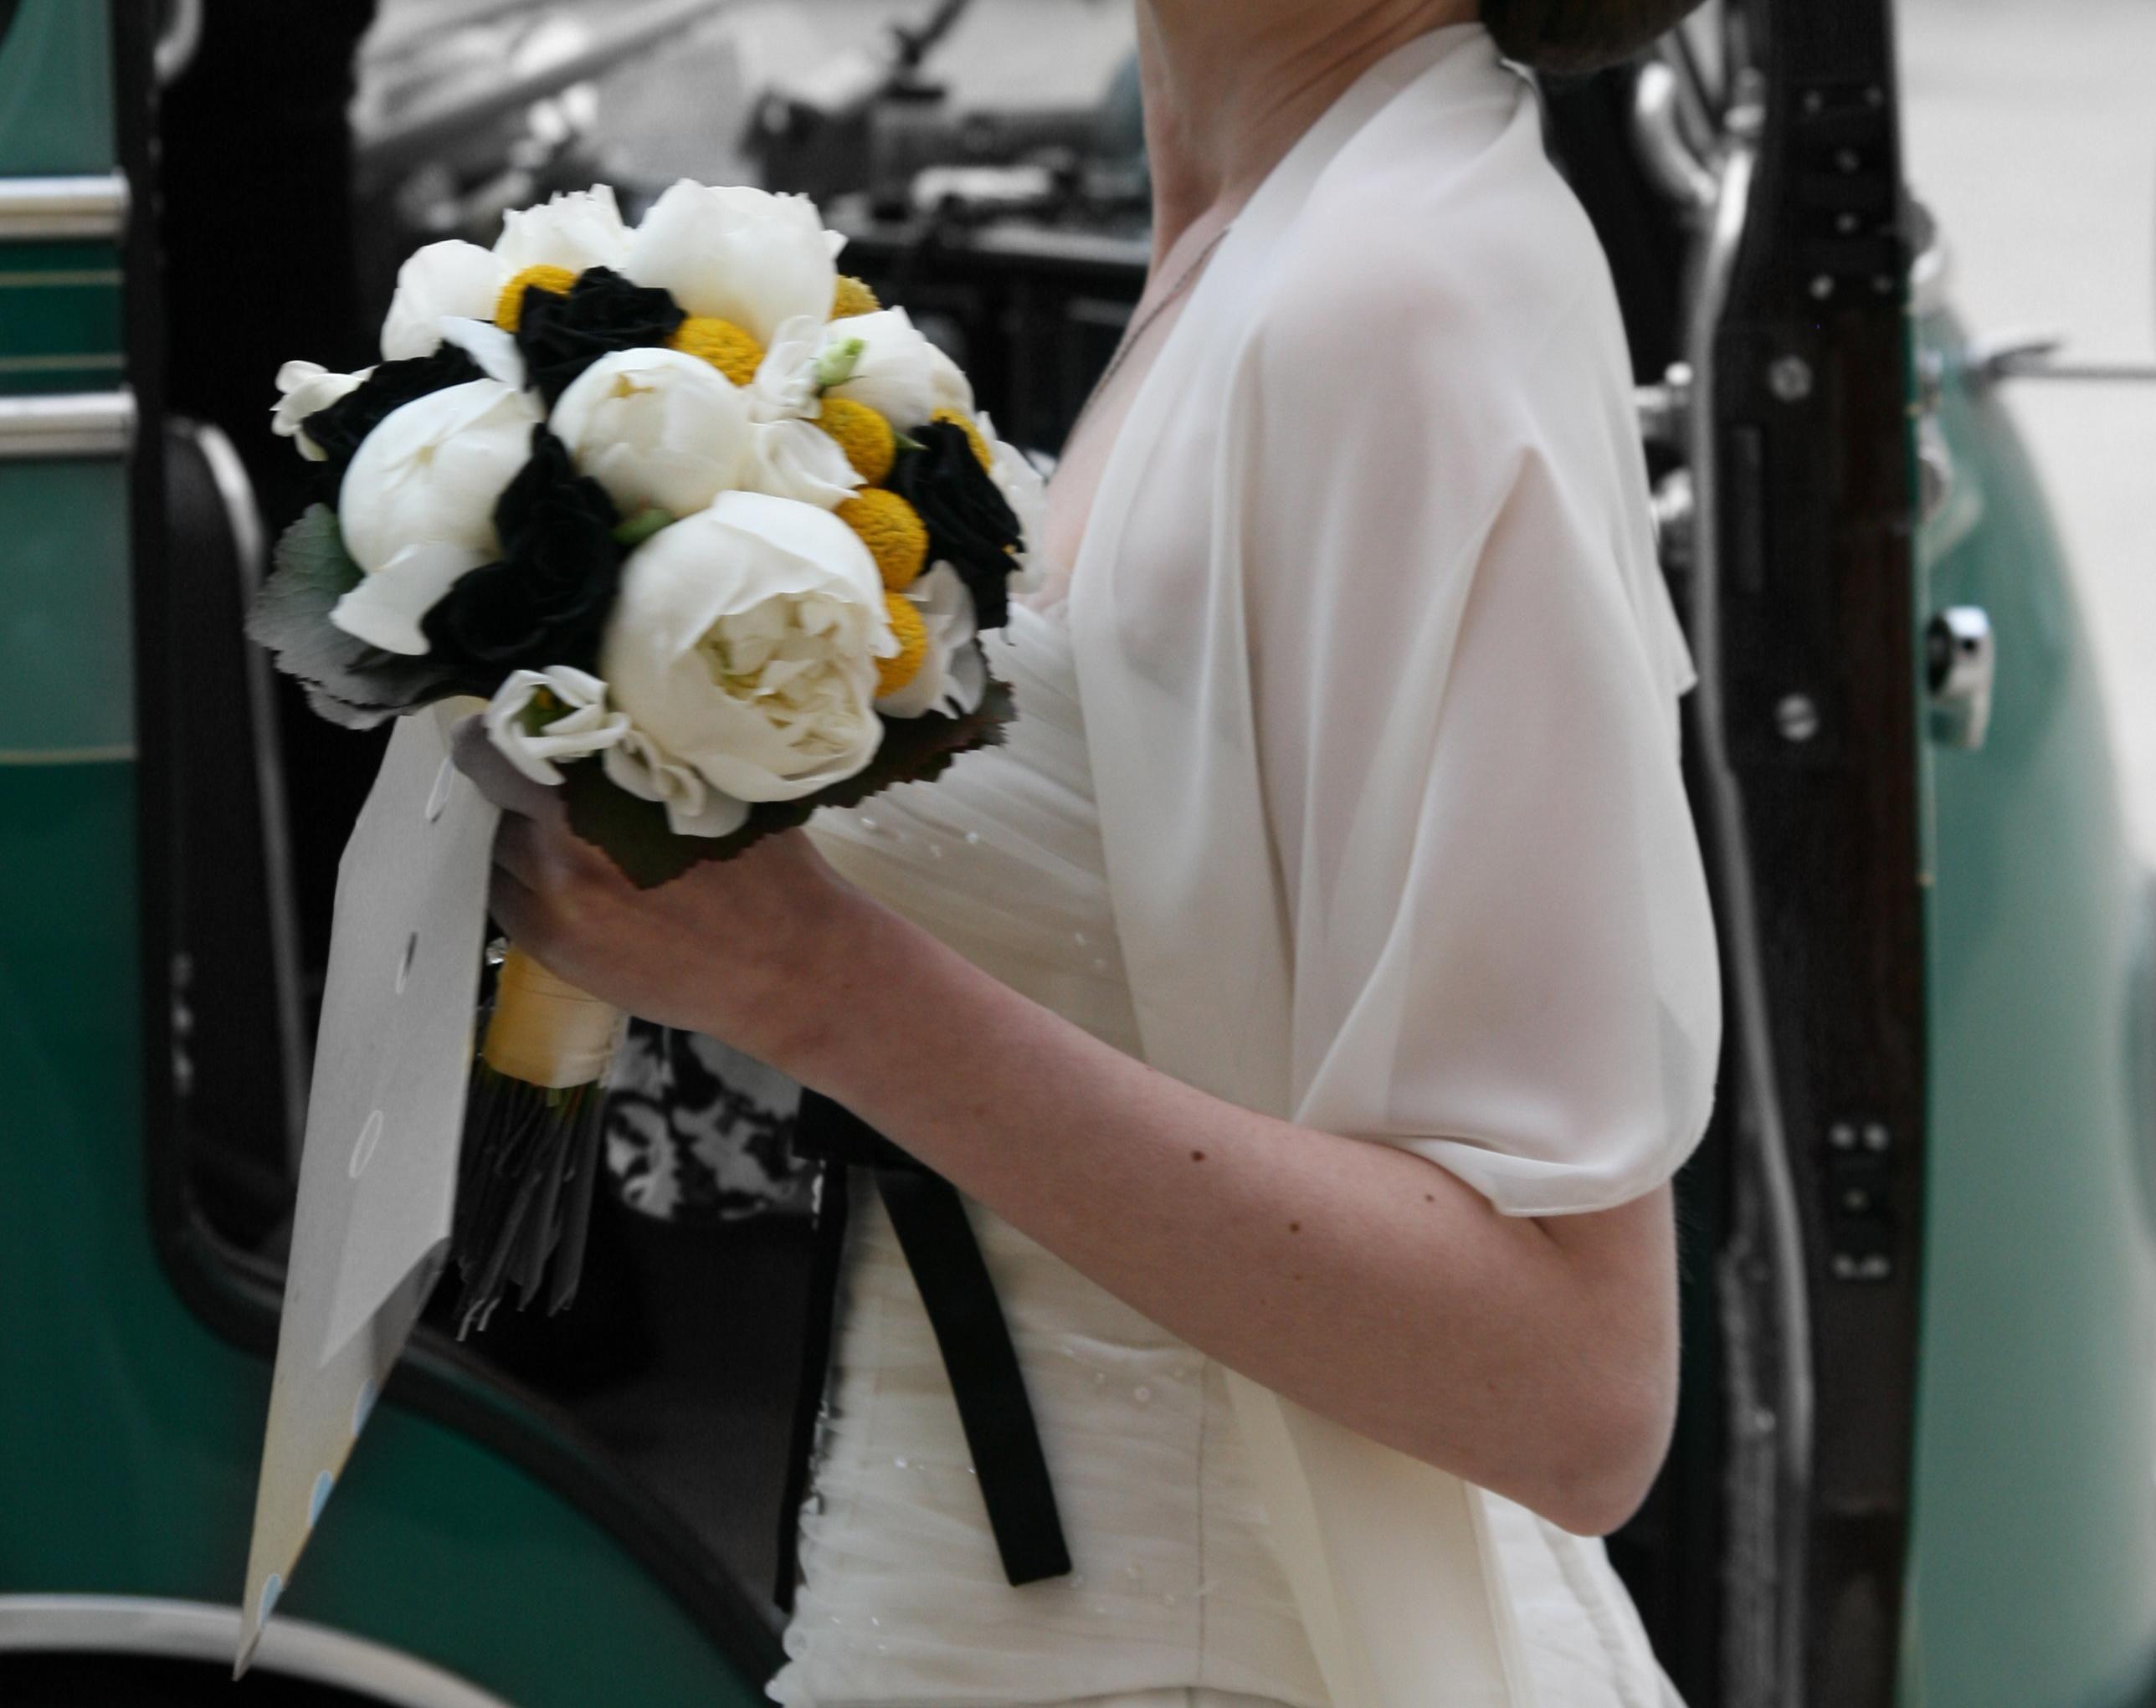 Sommerhochzeit von www.lebensraum-floristik.de Brautstrauß modern, gelb-schwarz Summer wedding with modern bouquet, black yellow